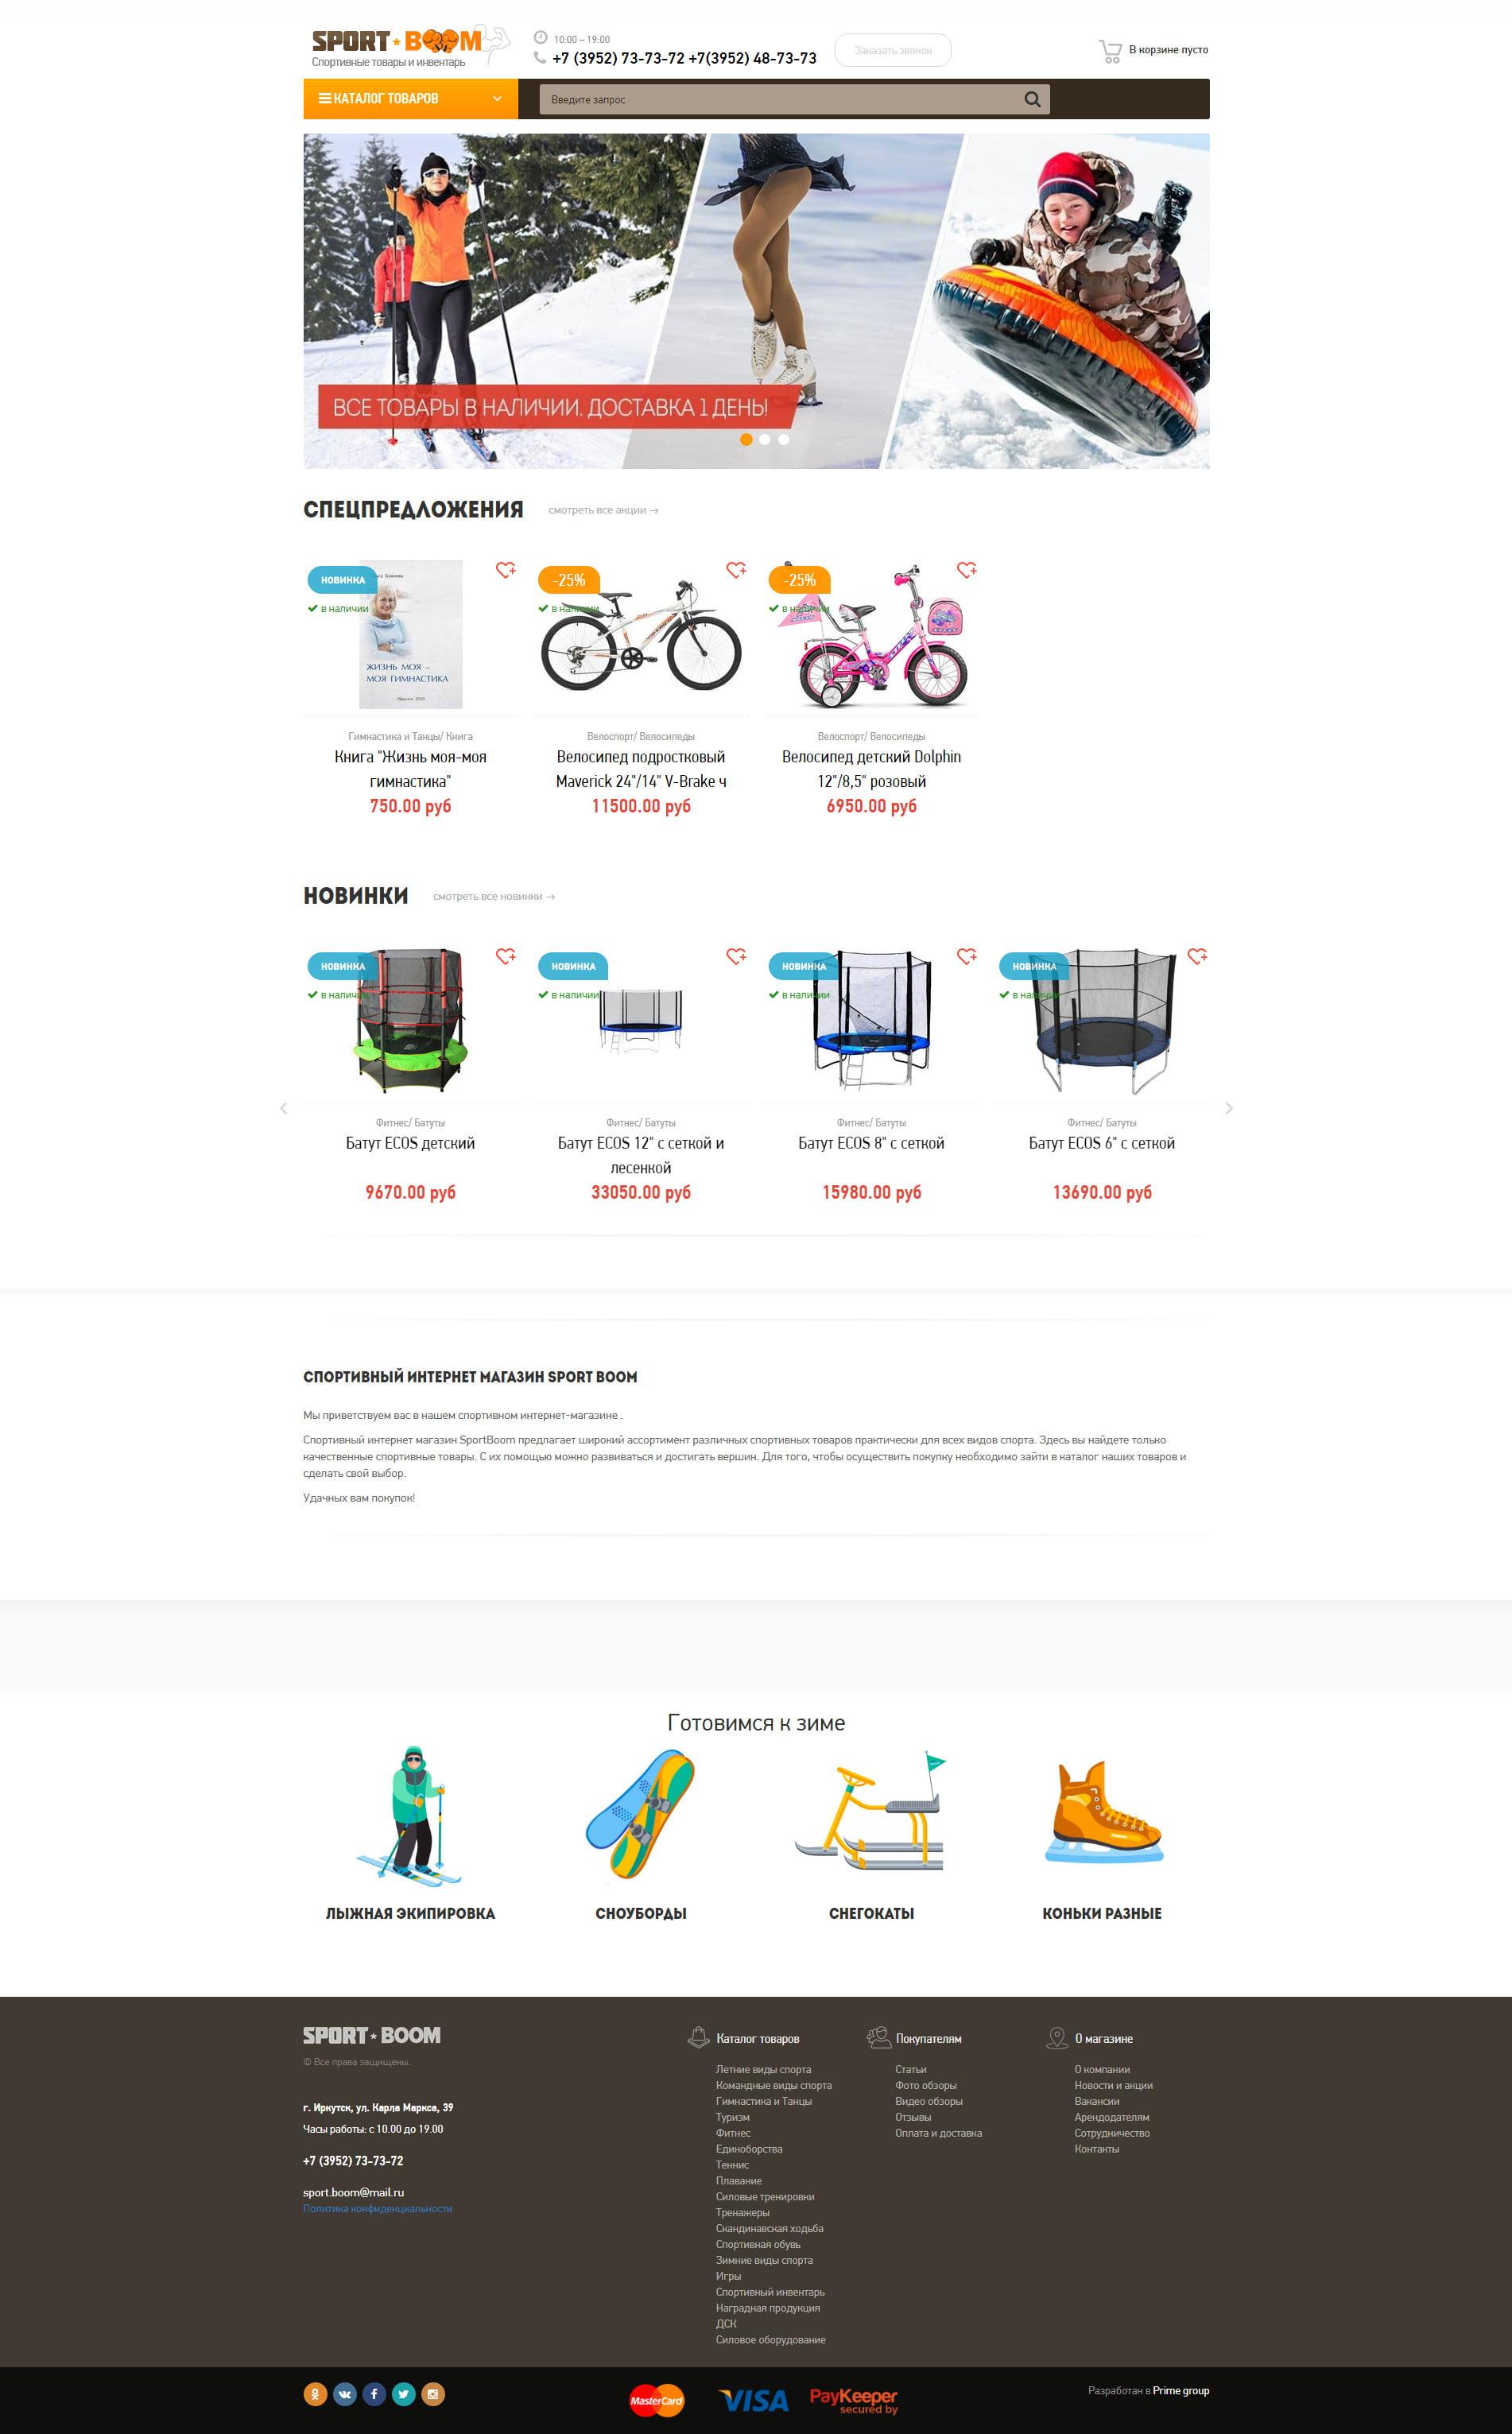 Разработка интернет-магазина Sportboom38.ru